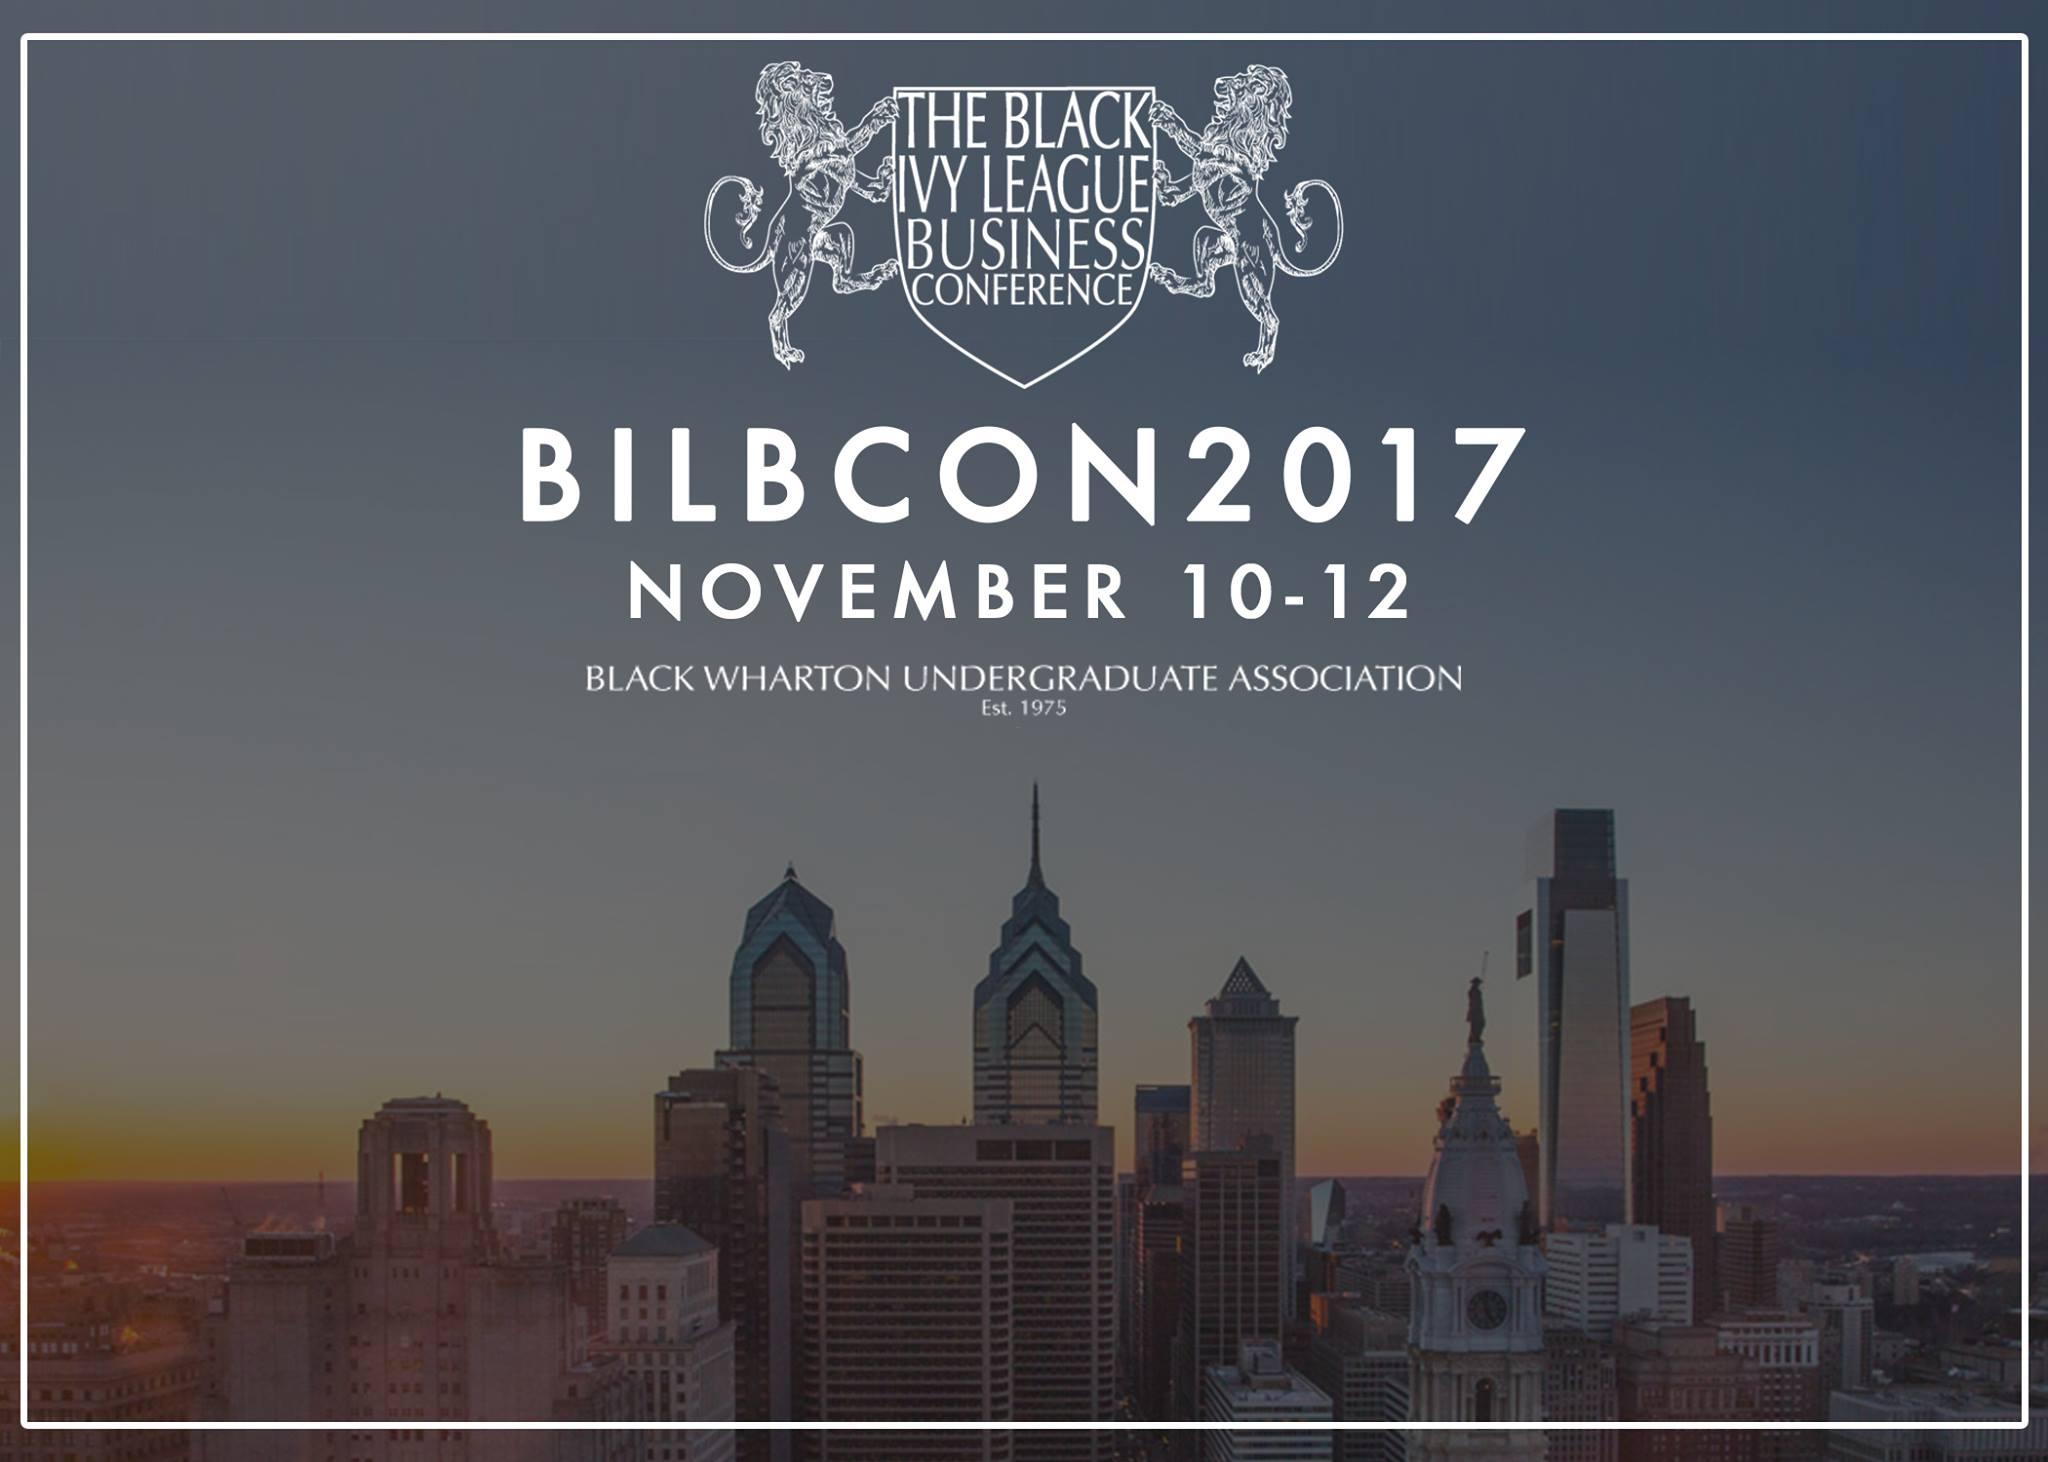 BILBcon2017